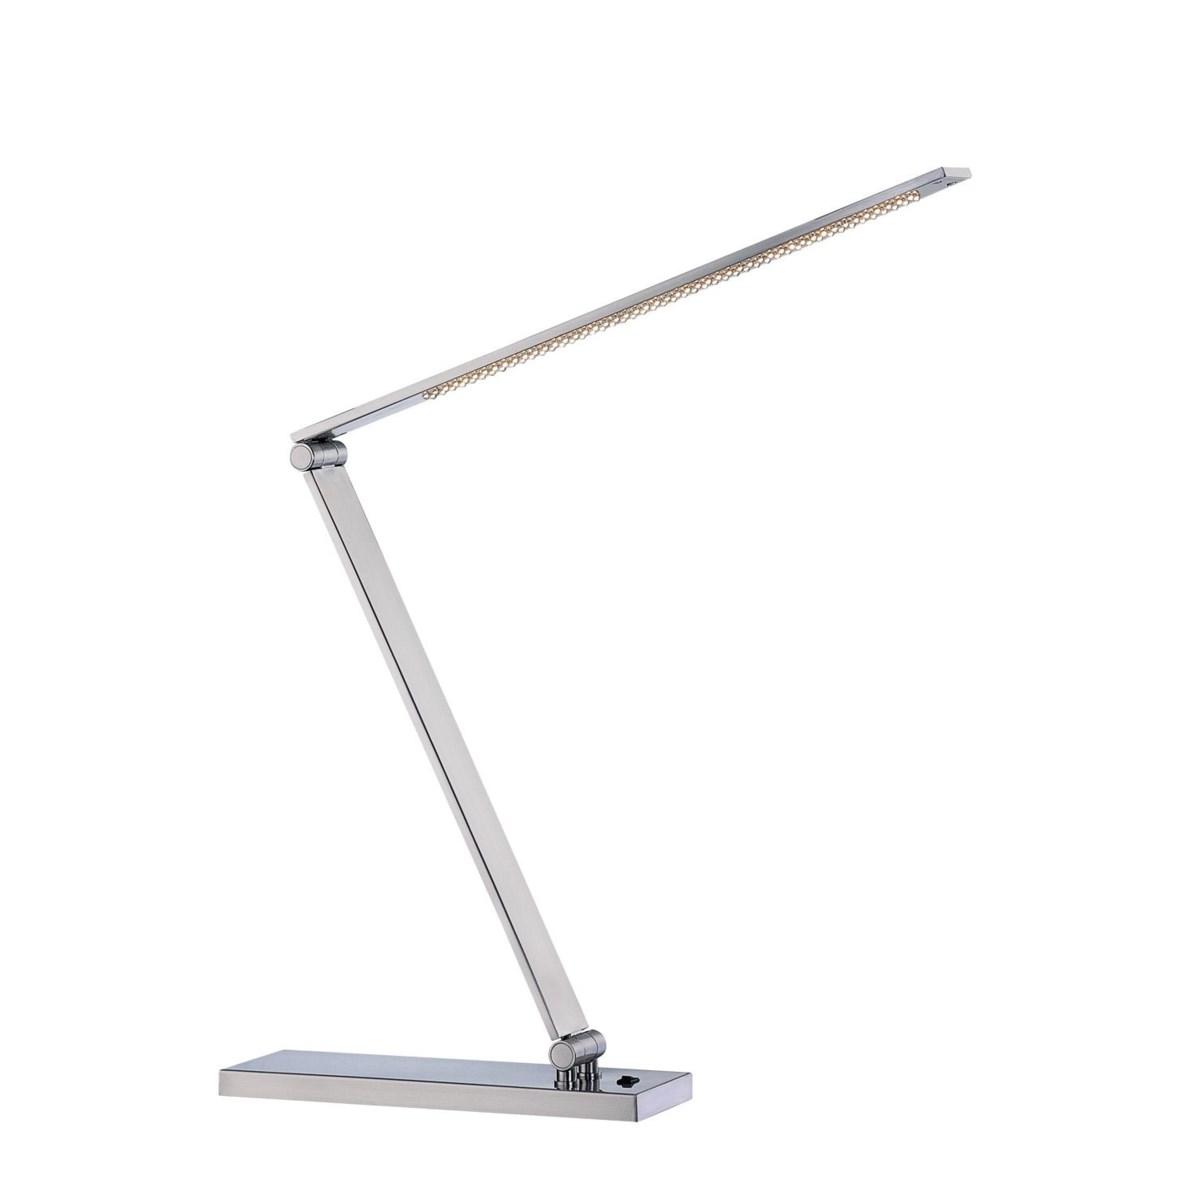 SLOANE II DESK LAMP